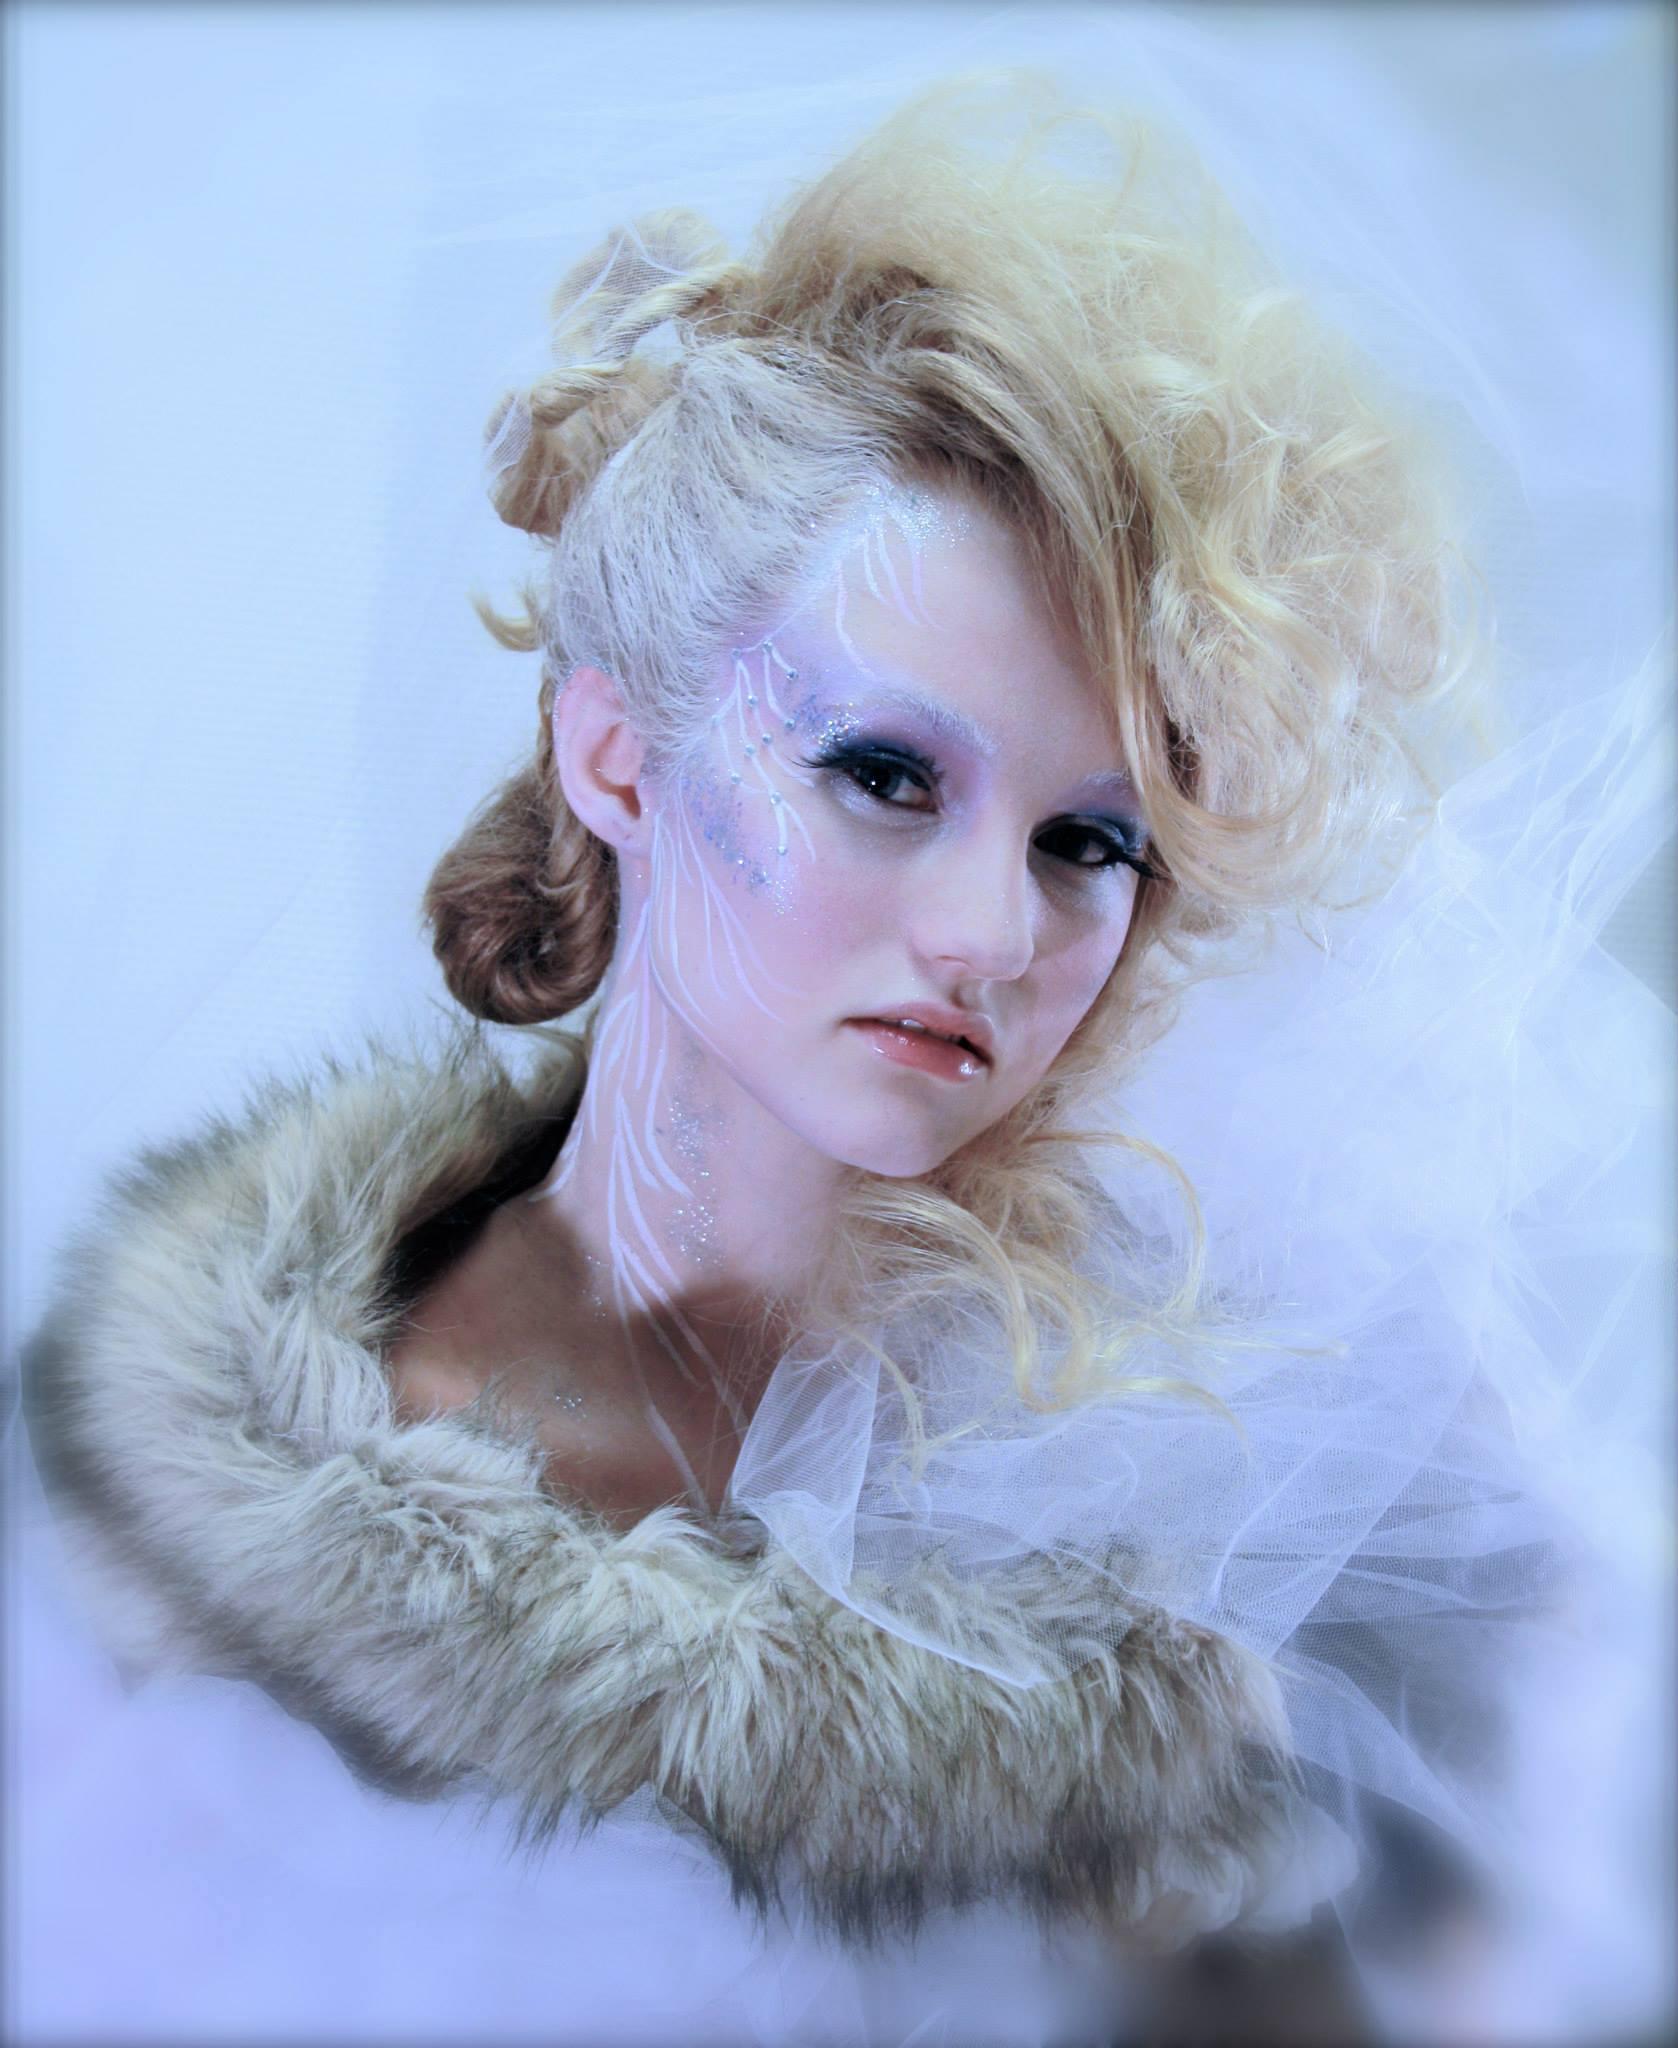 Alma Karlsson ställde upp som modell införskapandet av årets Midvinterglöd affish. Makeup, foto & styling: Petra Shara Stoor